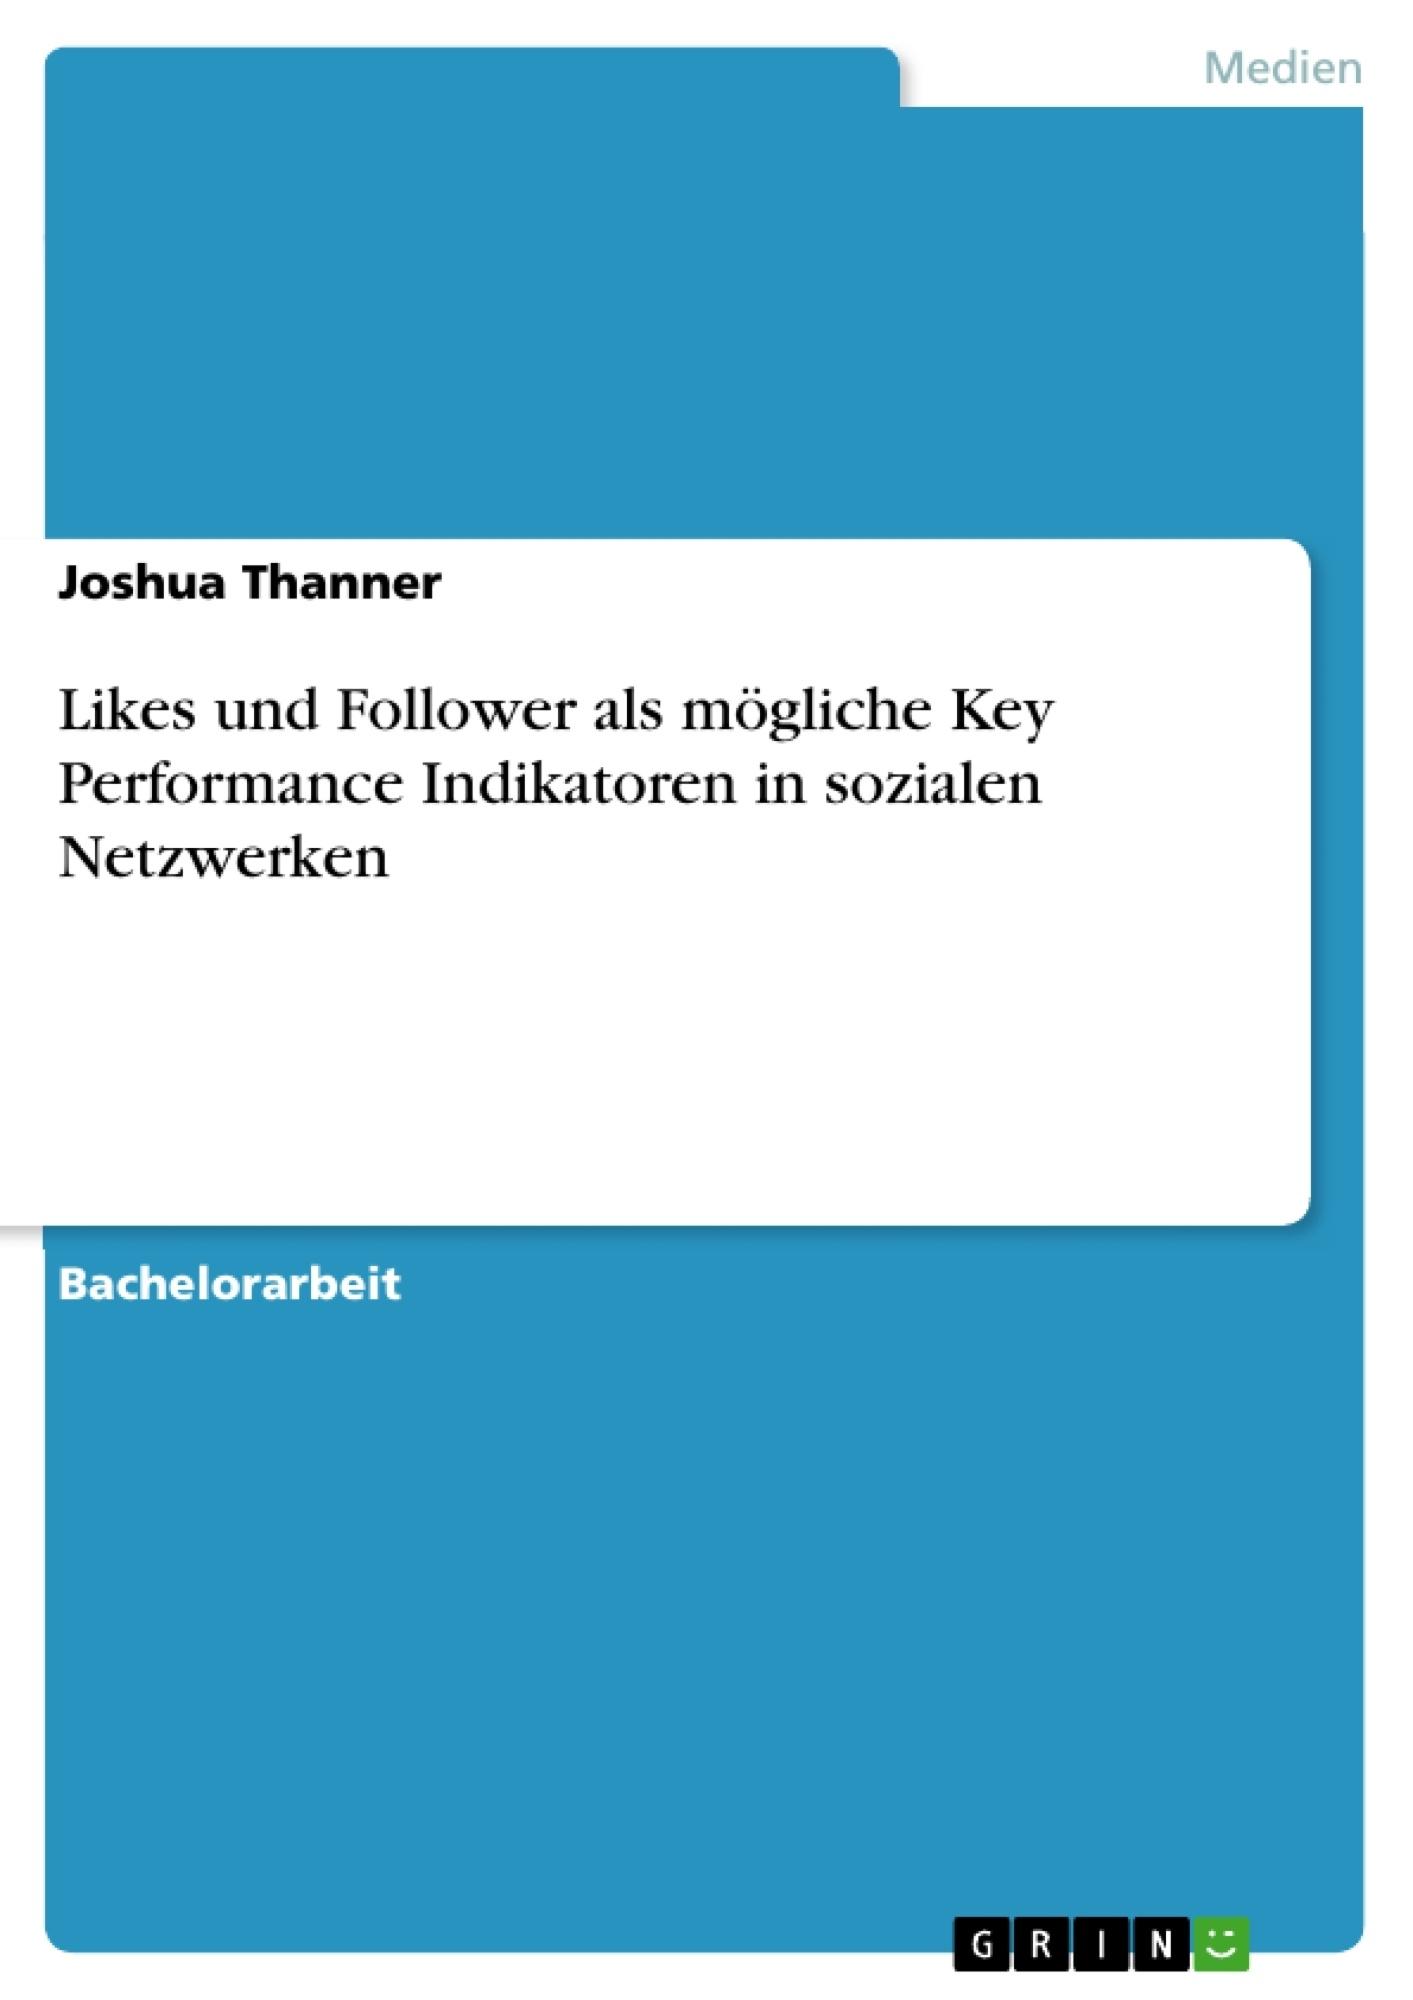 Titel: Likes und Follower als mögliche Key Performance Indikatoren in sozialen Netzwerken